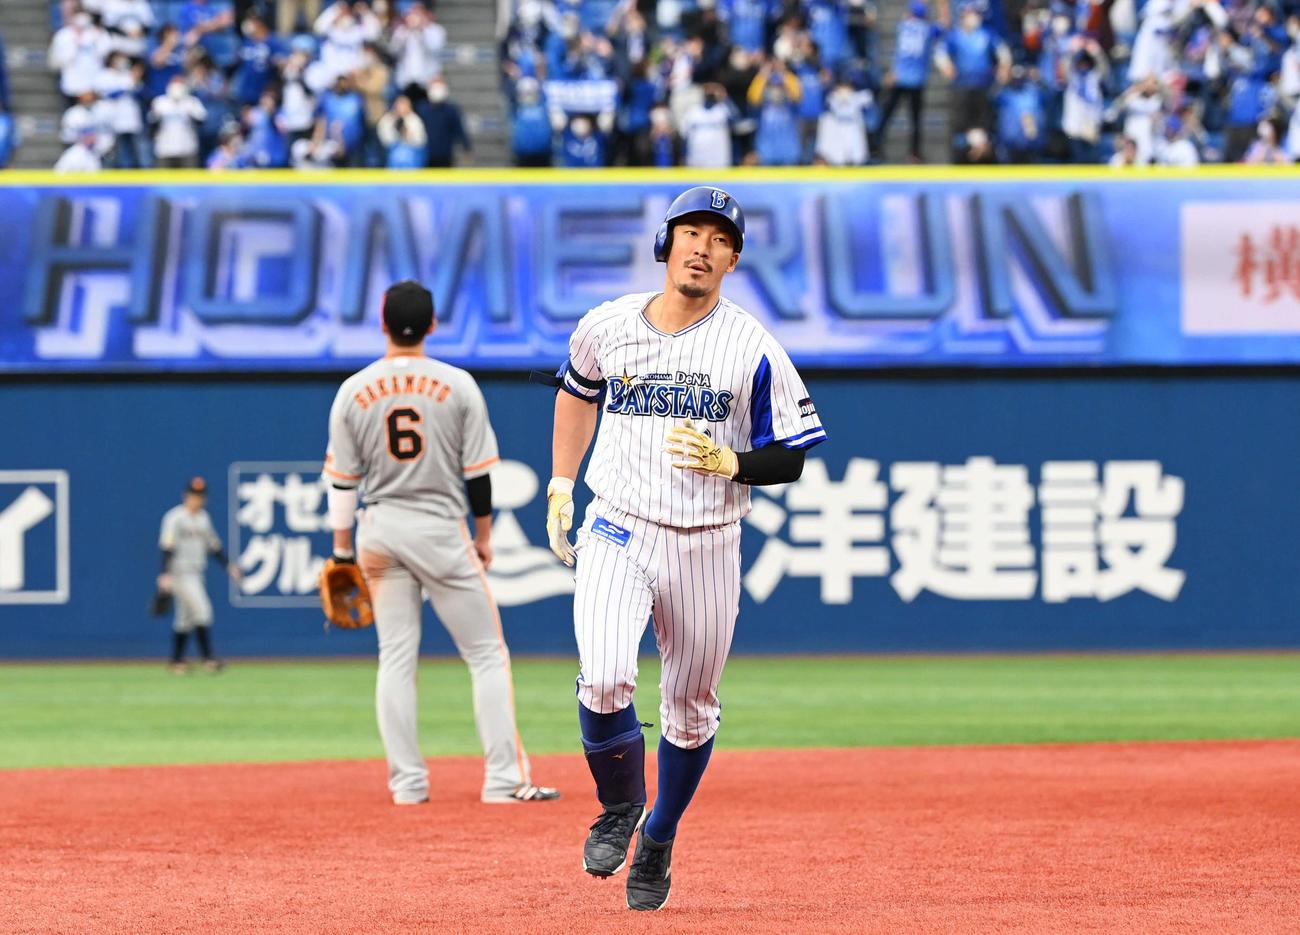 DeNA対巨人 7回裏DeNA無死満塁、満塁本塁打を放ちダイヤモンドを回る梶谷(撮影・山崎安昭)